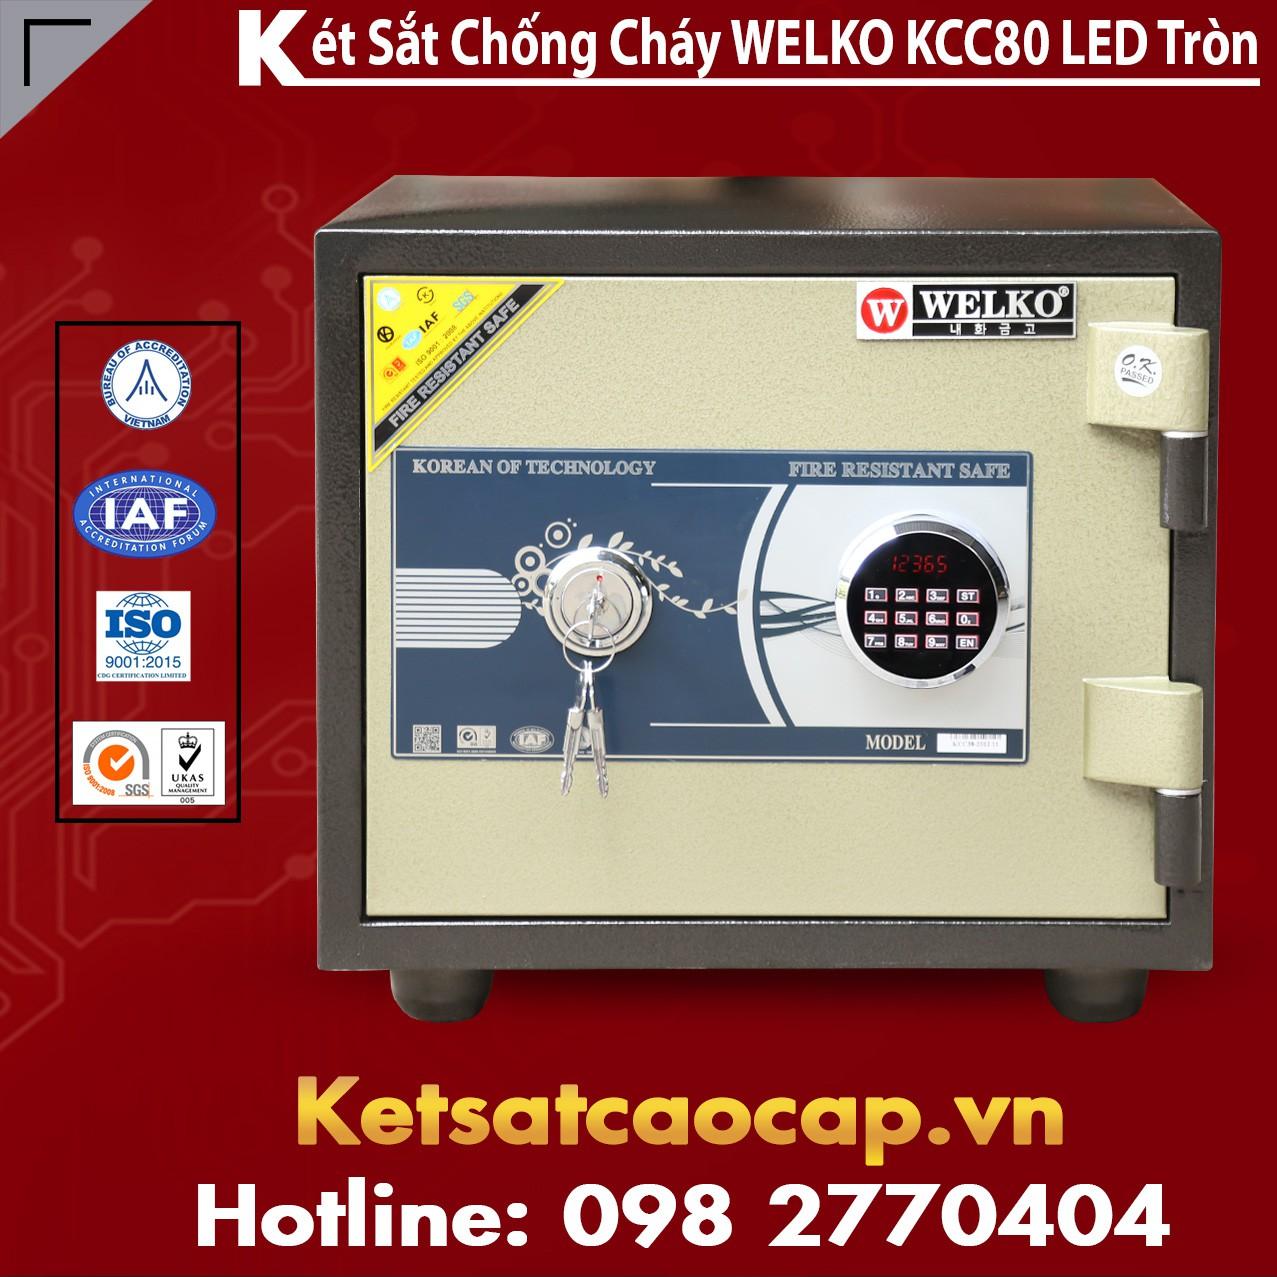 Két Sắt Chống Trộm KCC80 - Led Tròn